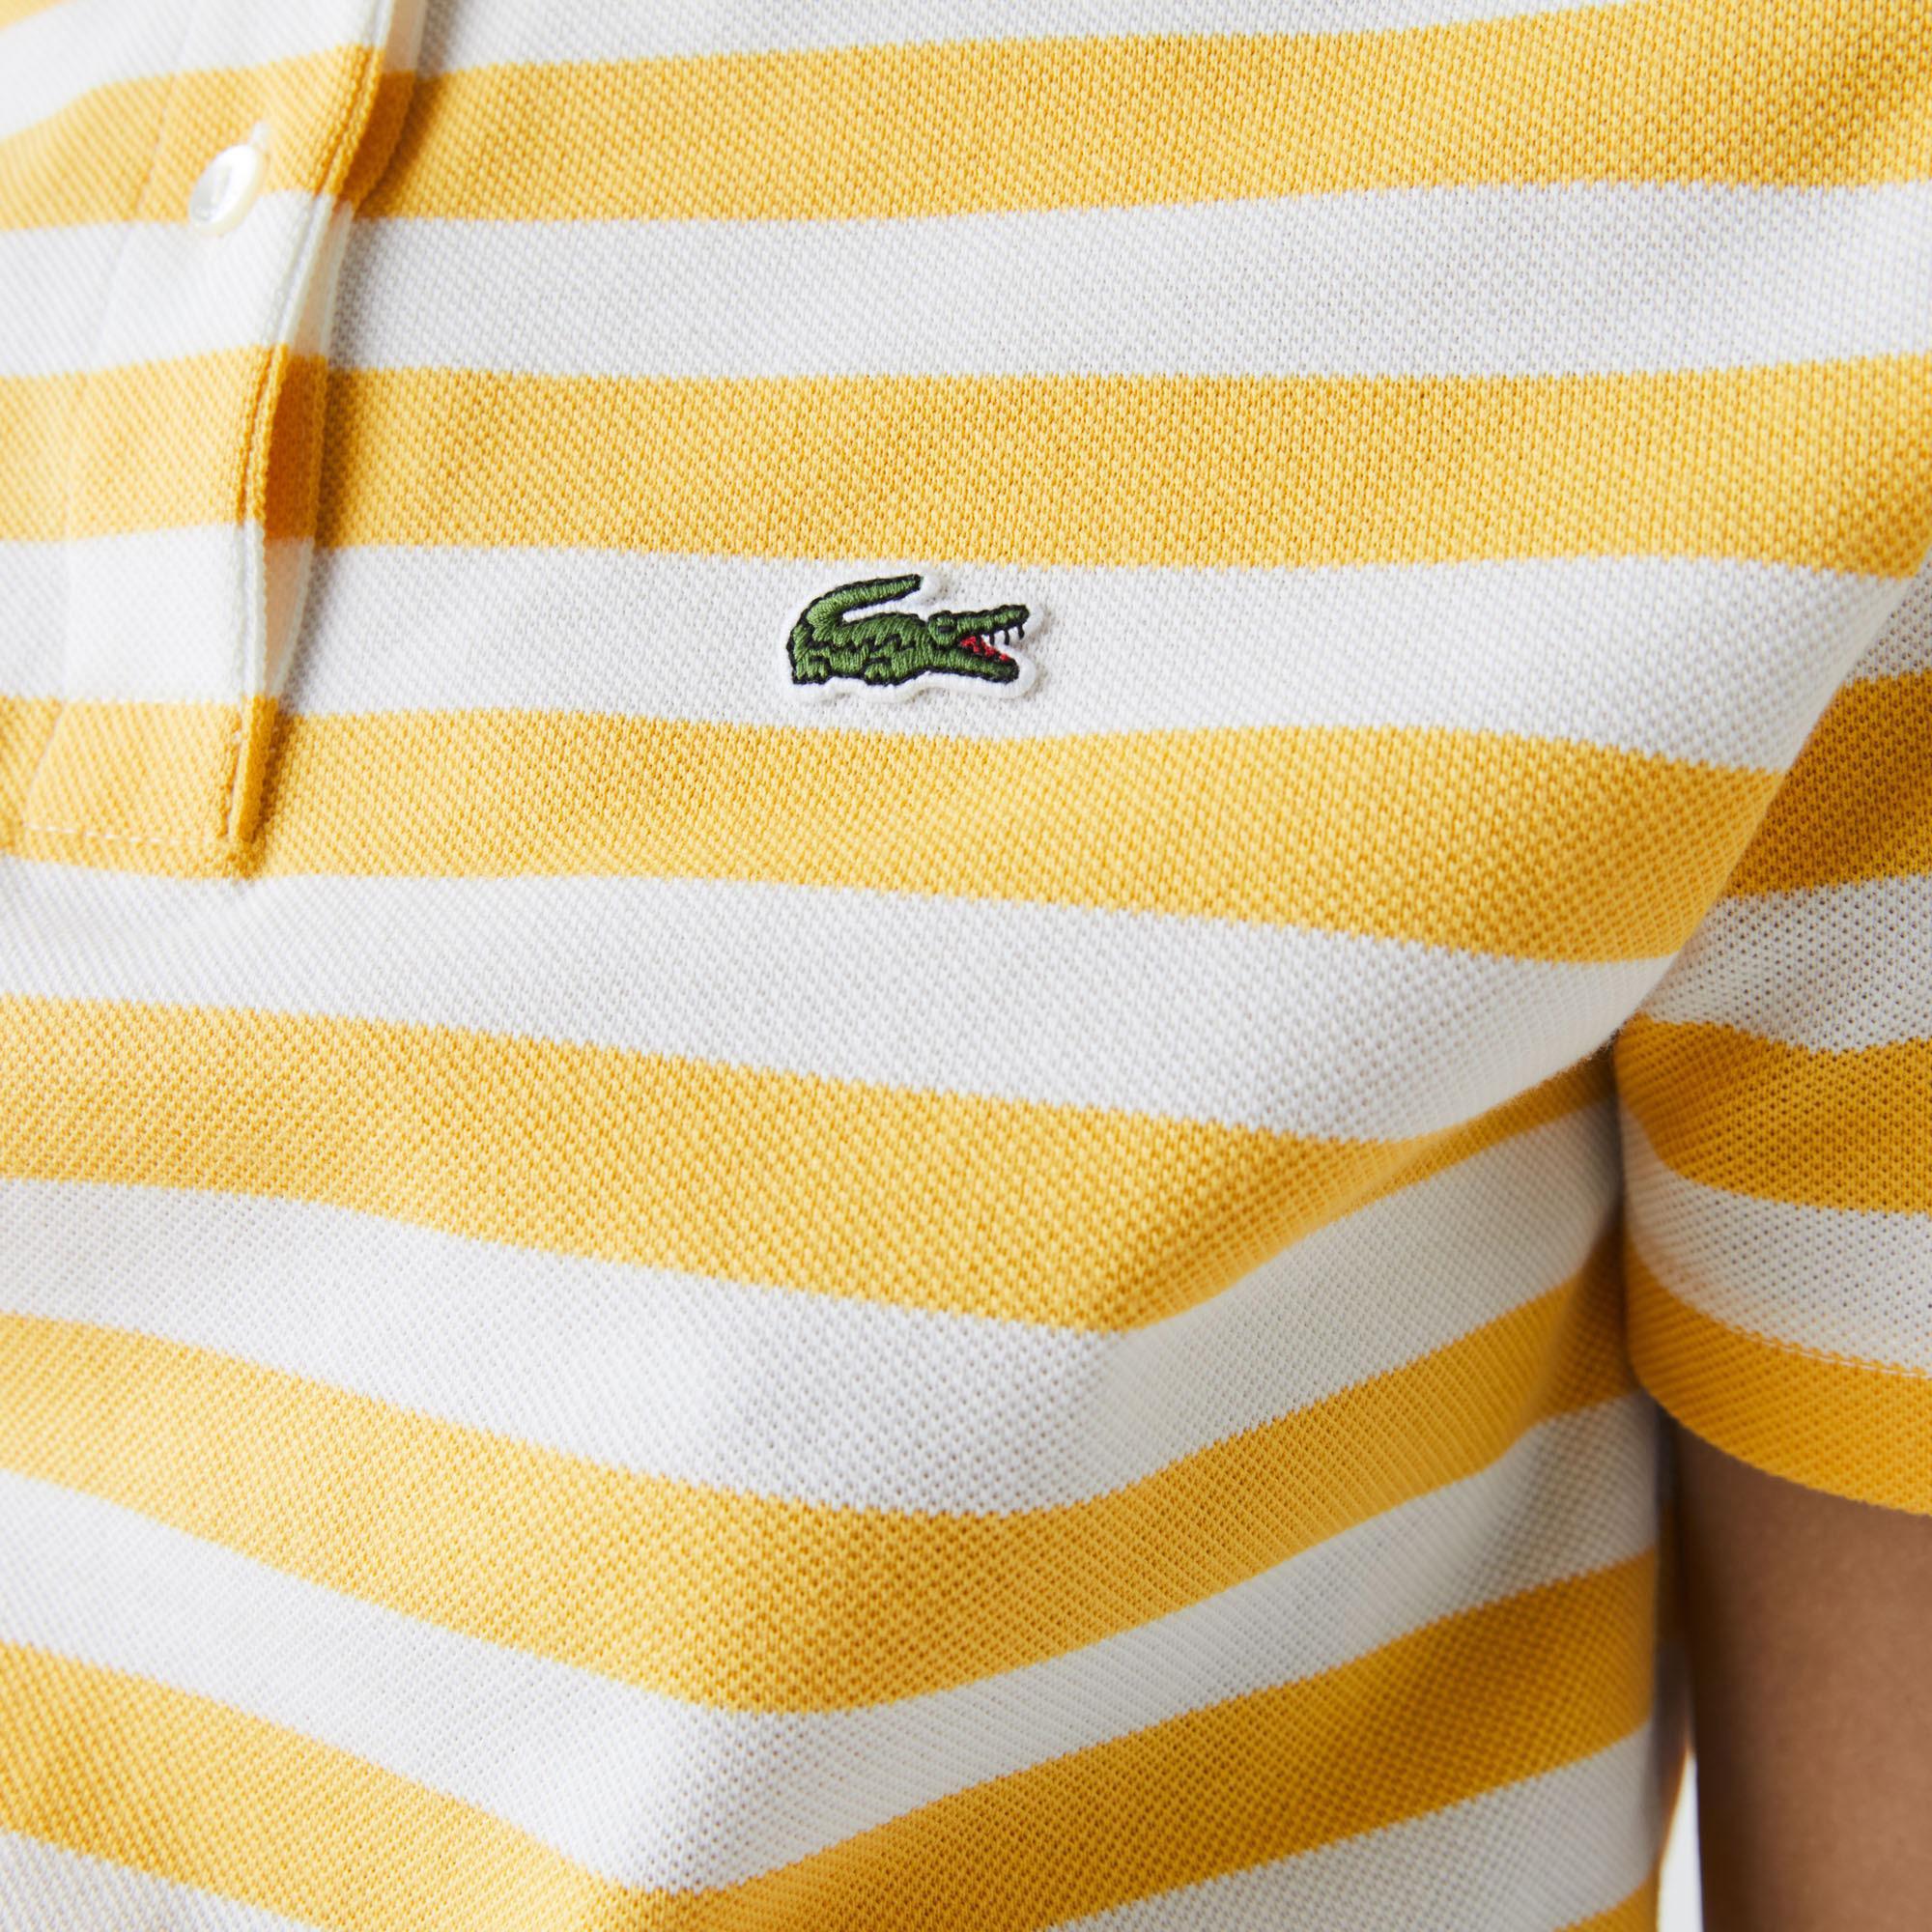 Lacoste Damska bawełniana koszulka polo Regular Fit z kołnierzykiem z siateczki w paski